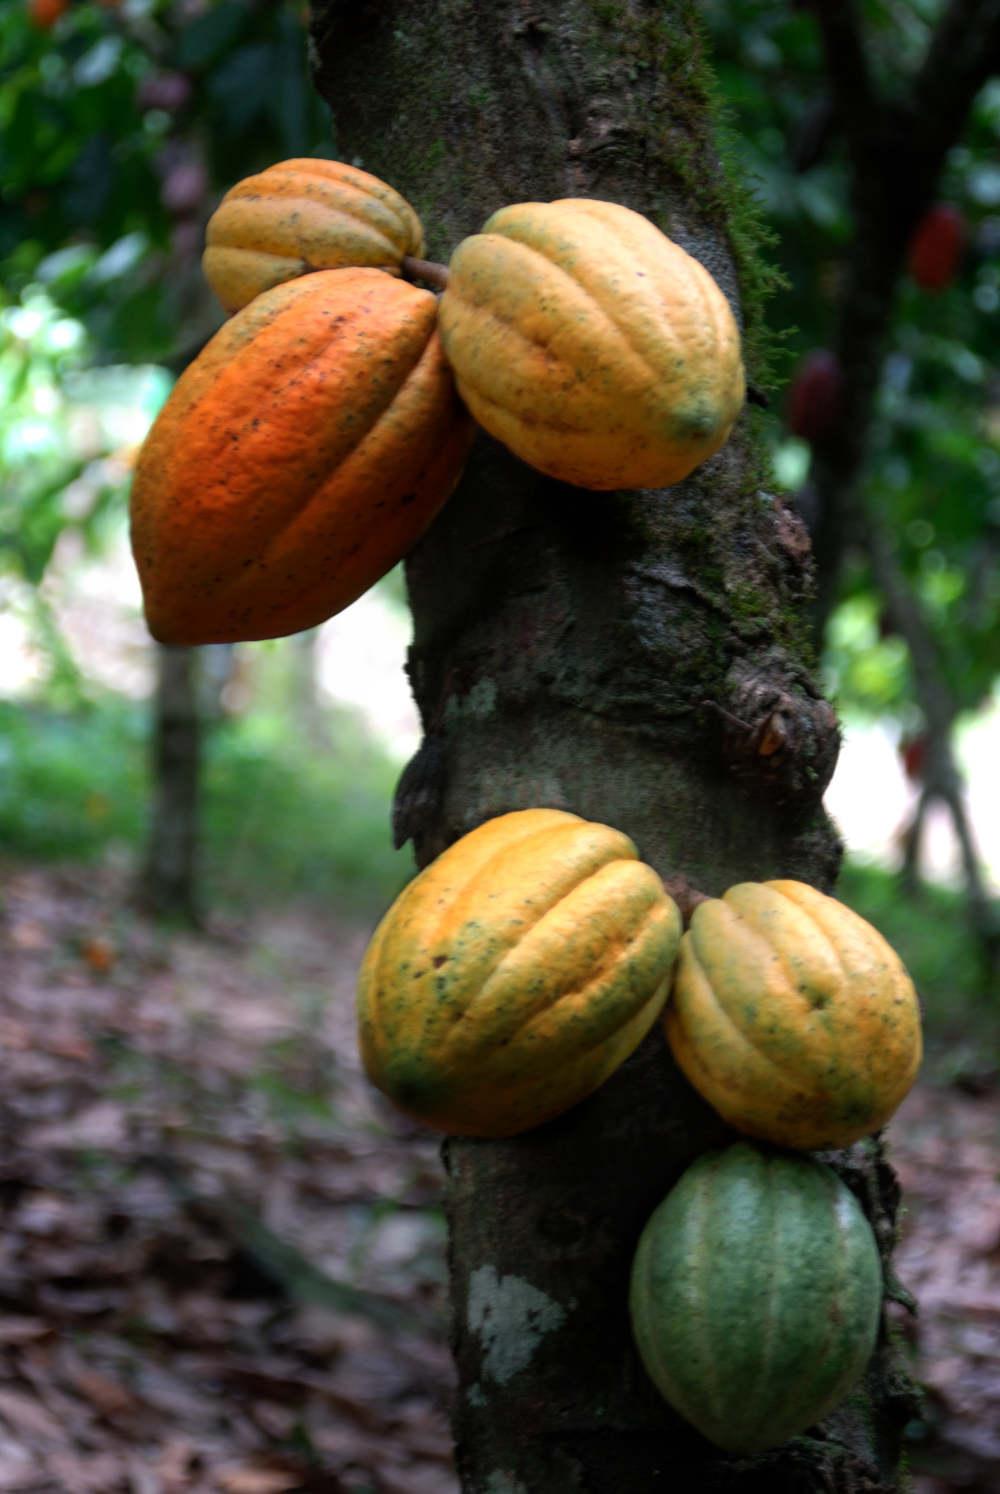 Cacao 001 - El cacao, un motor turístico, social y cultural en República Dominicana